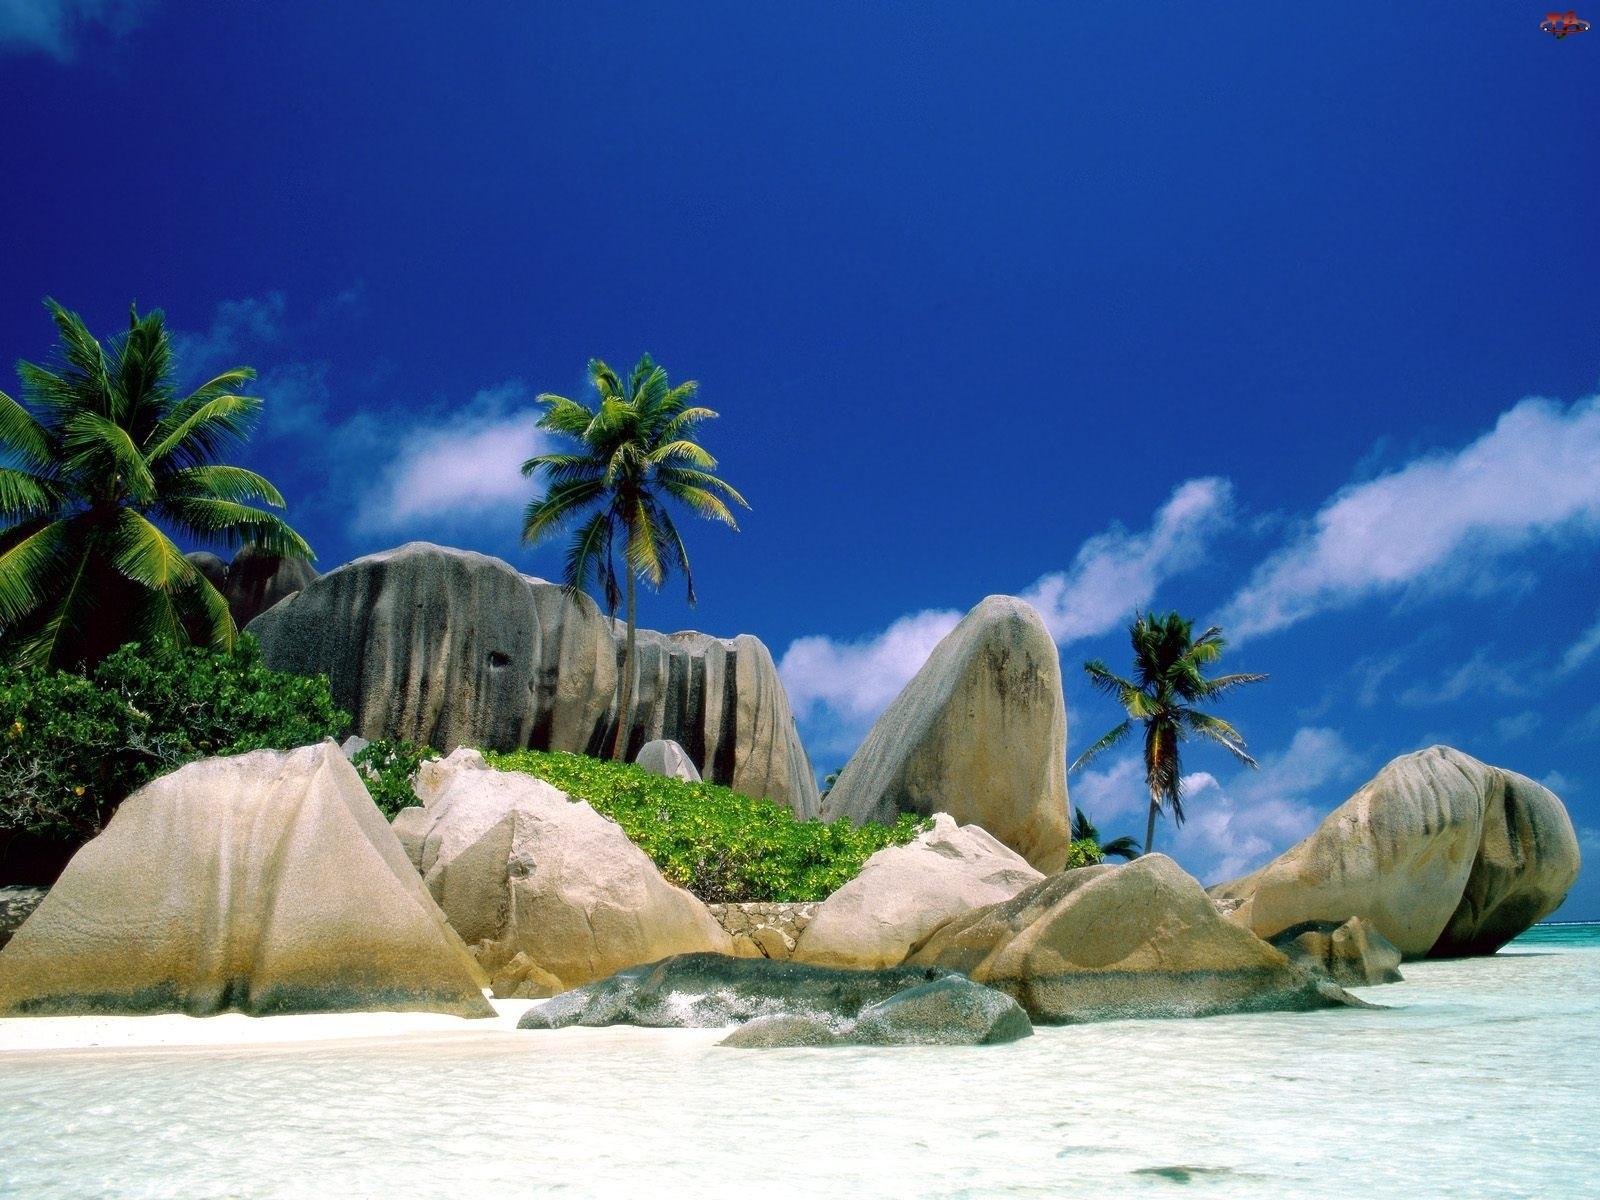 Niebo, Plaża, Palmy, Skały, Niebieskie